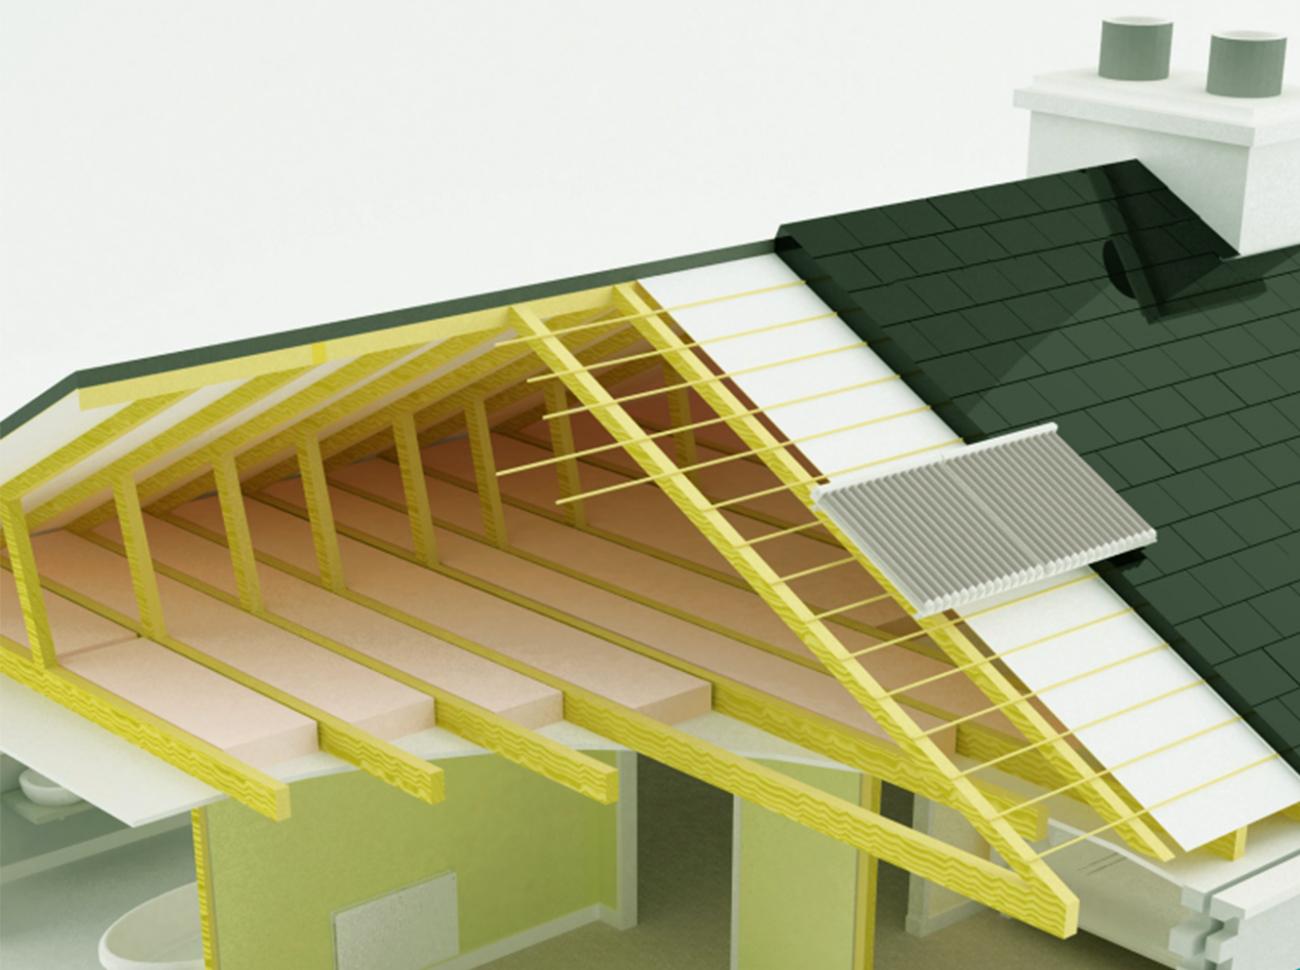 Location de toiture avec panneaux photovoltaïques